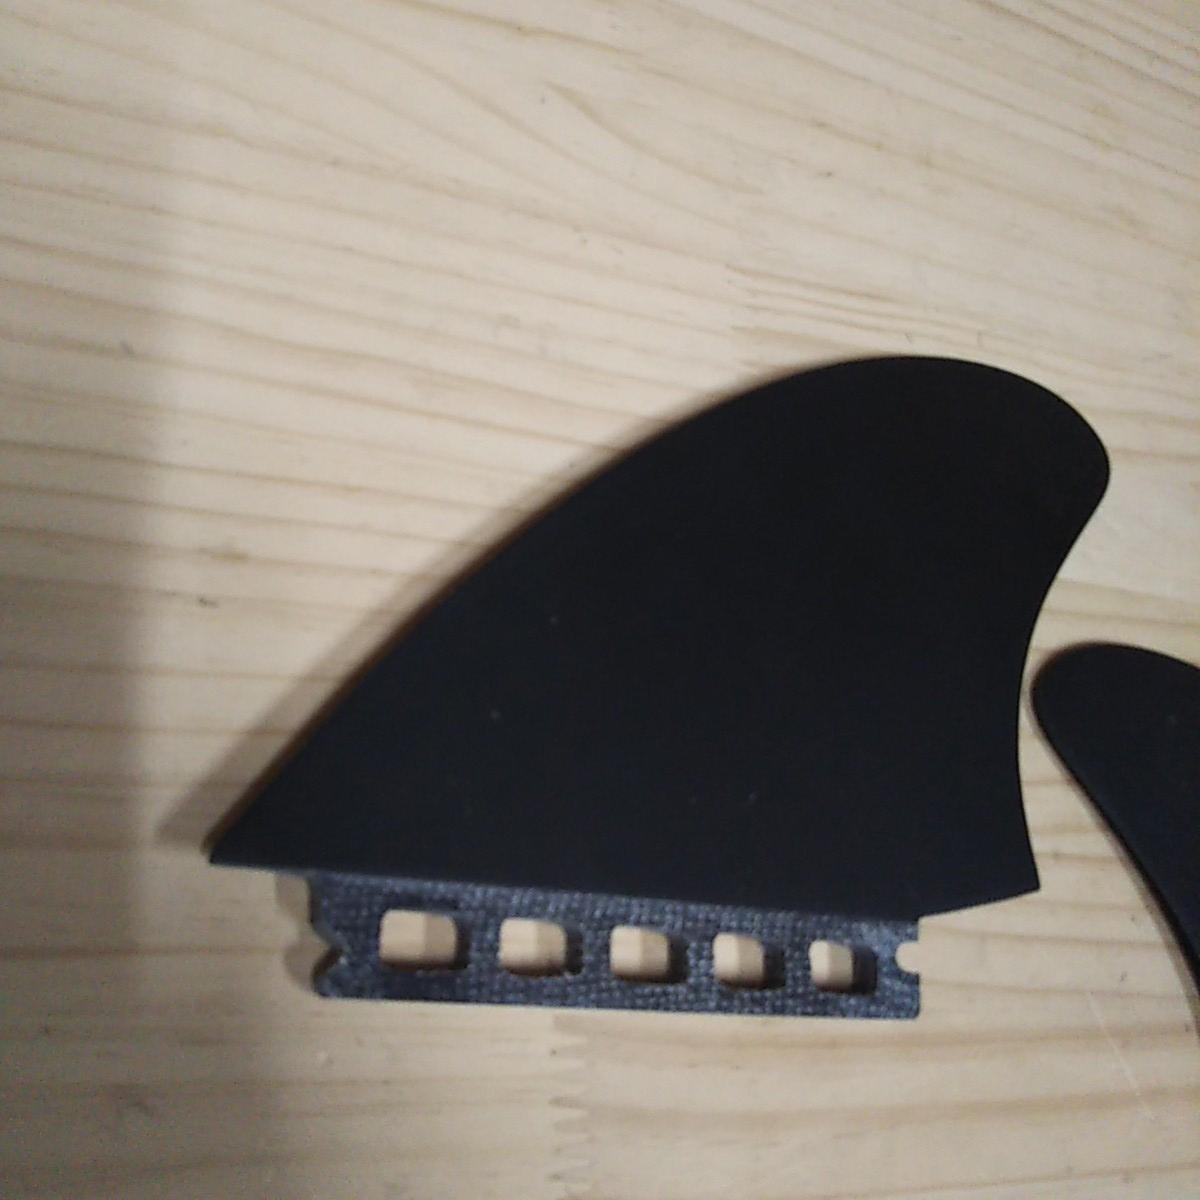 キャプテンフィン ツインフィン クリステンソンモデル キールフィン フューチャーフィン_画像4